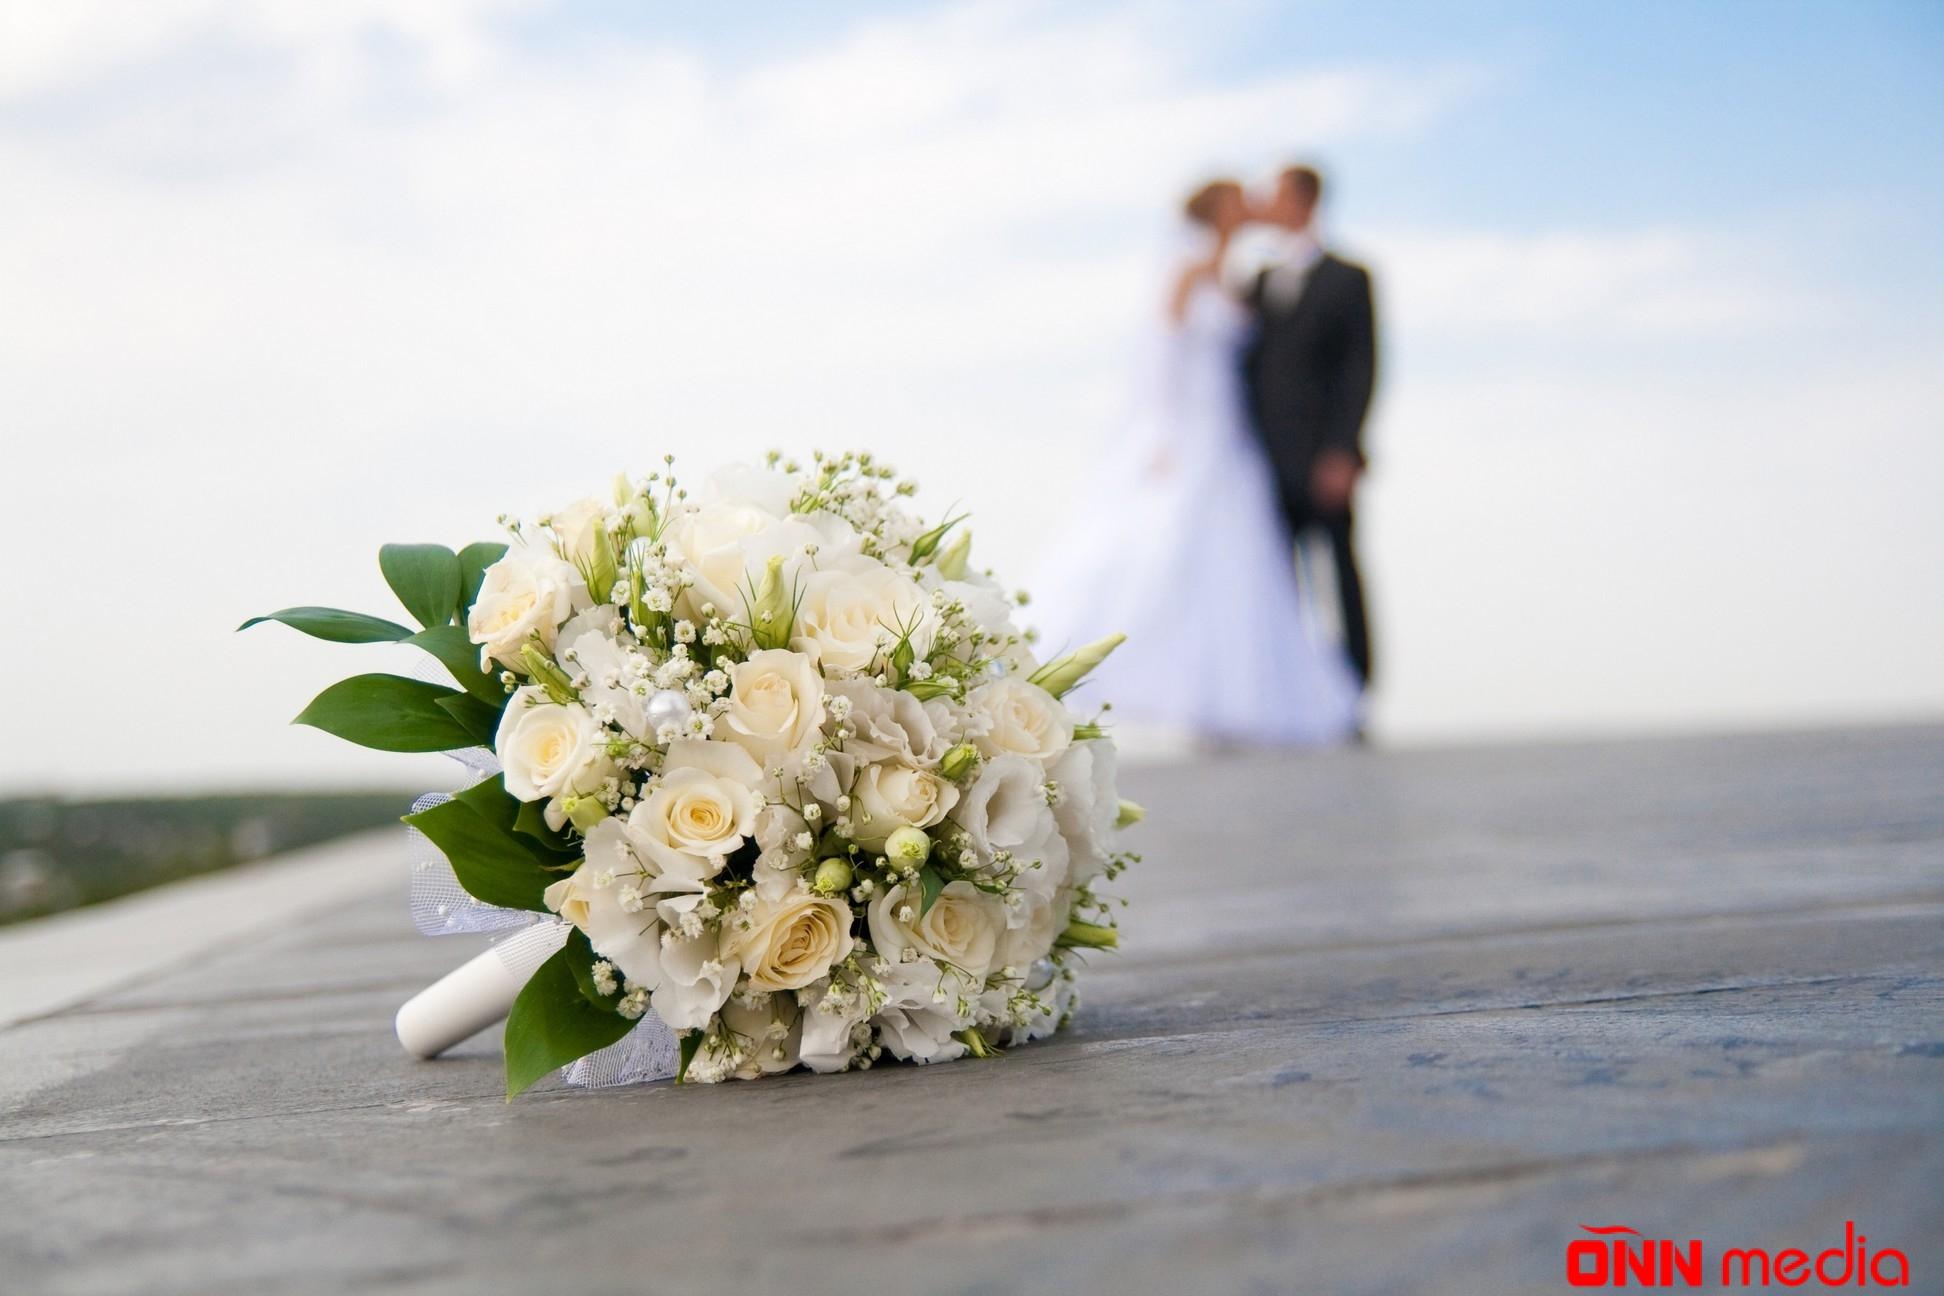 Ölkədə evlənənlərin sayı boşananları 3 dəfə üstələdi